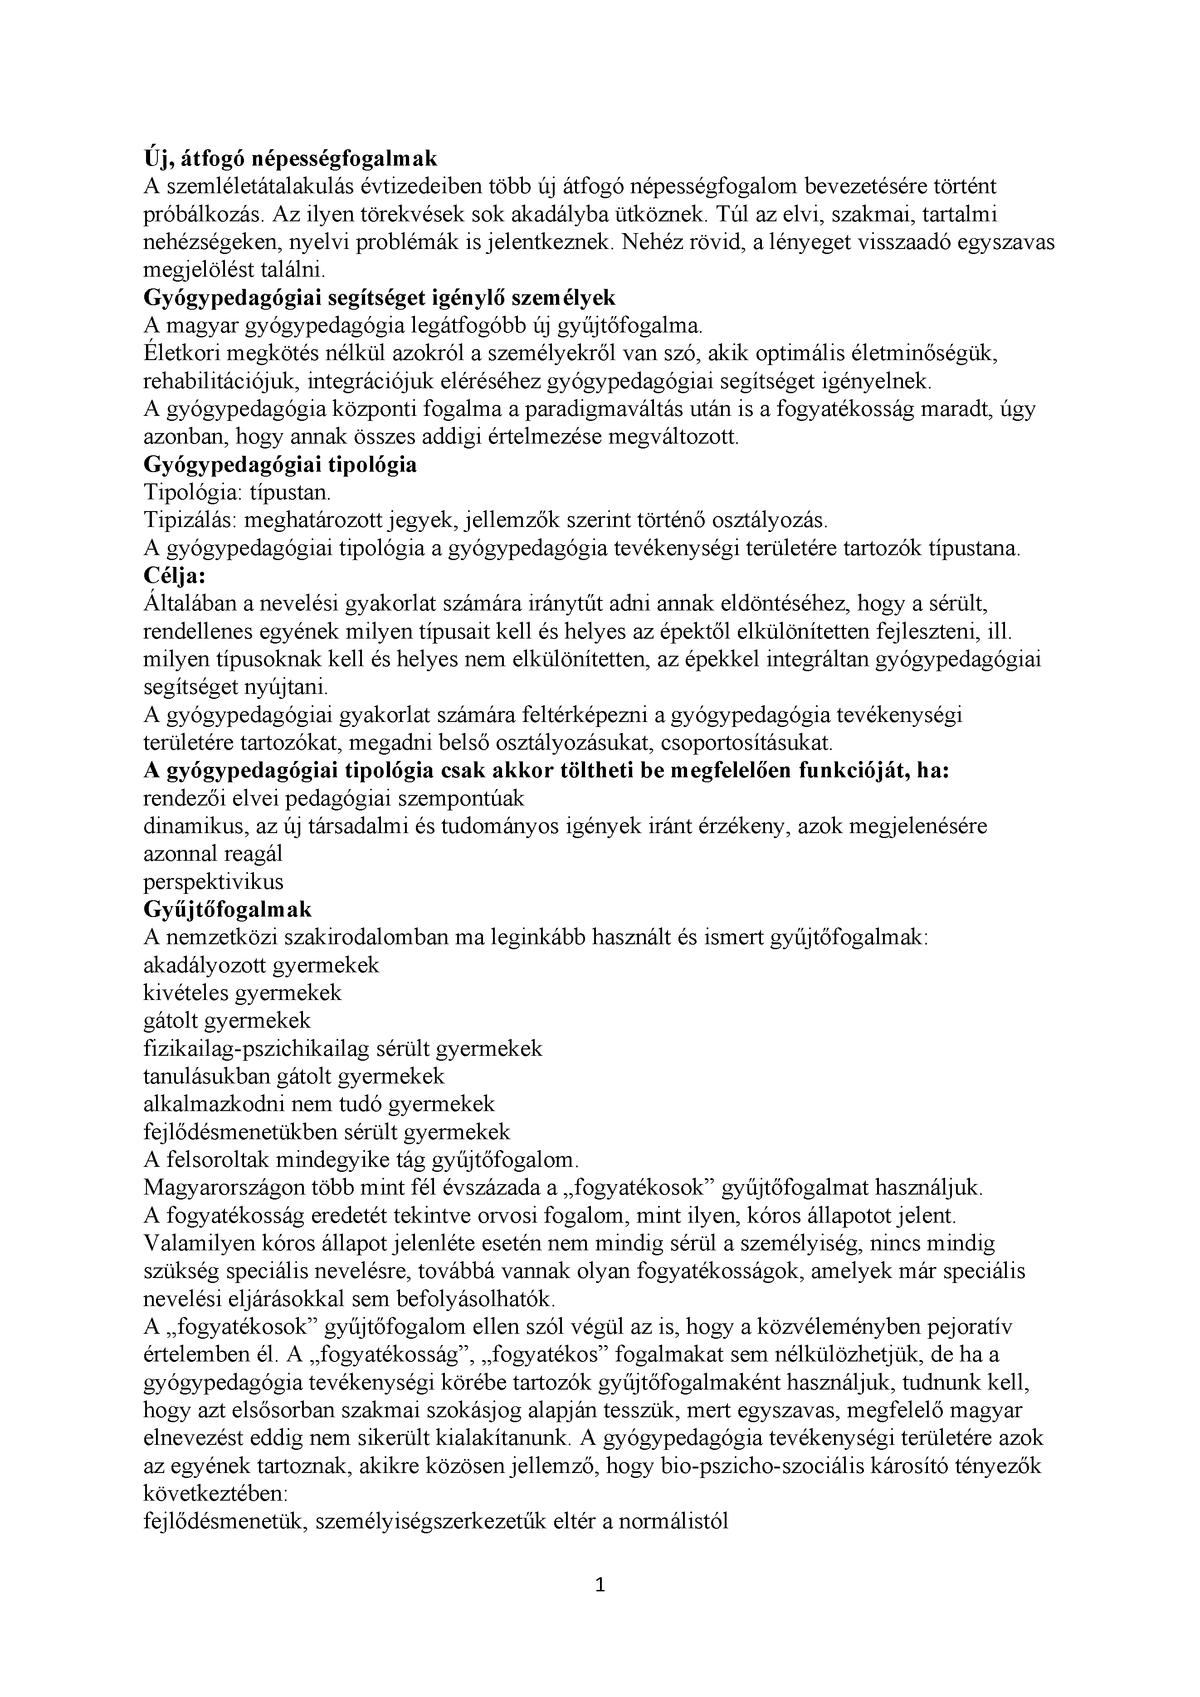 Fogyatékossági típusok | st-andrea.hu